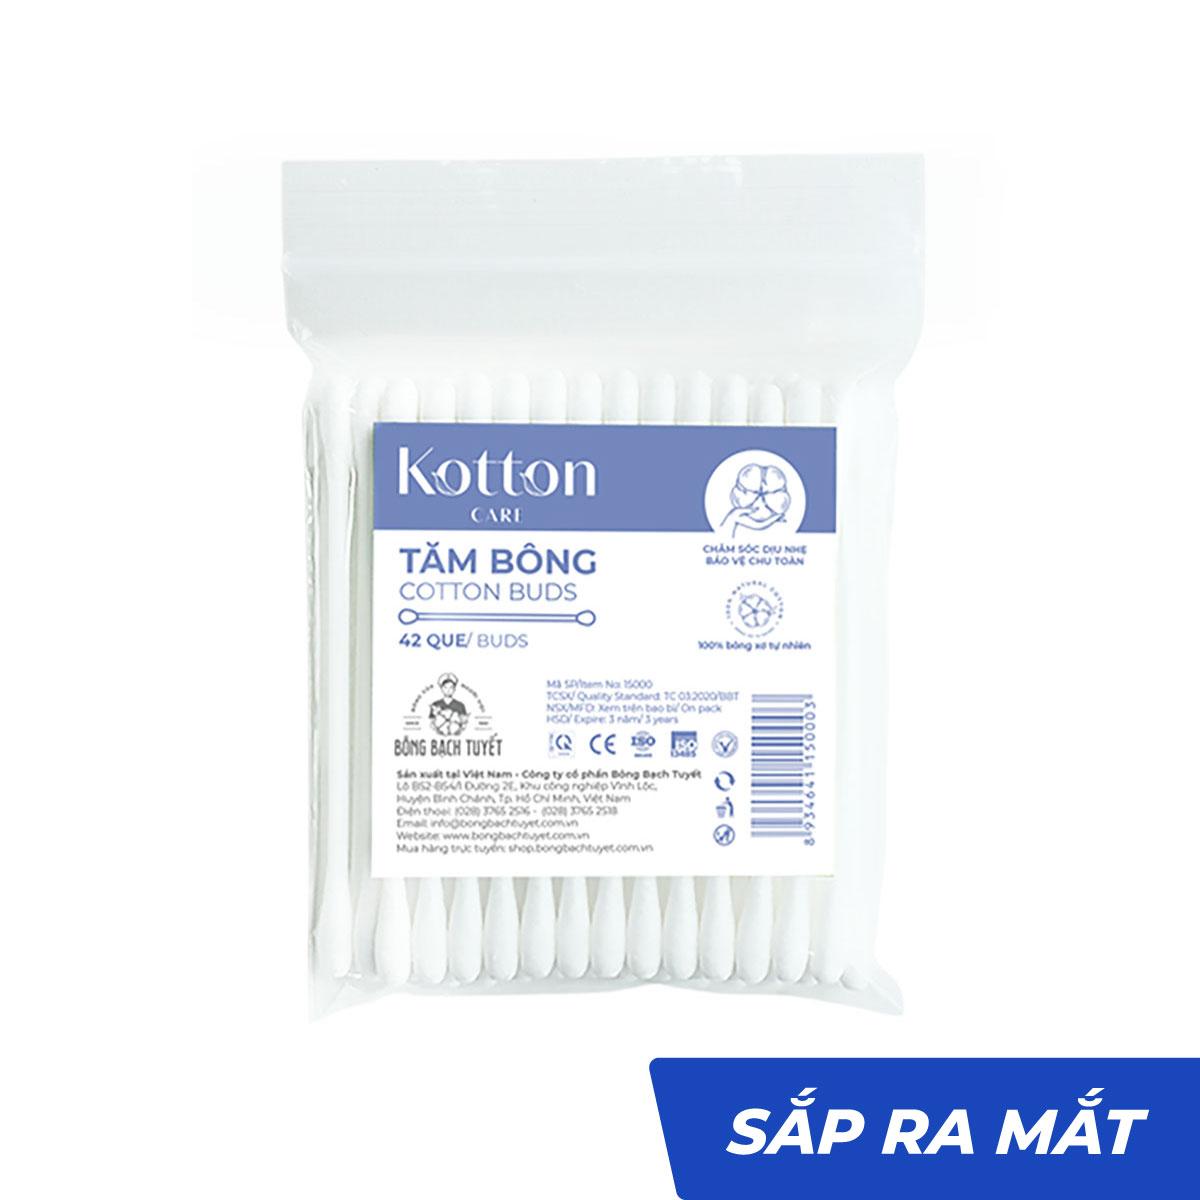 Tăm bông thân nhựa gói 42 que tiệt trùng - Bông Bạch Tuyết